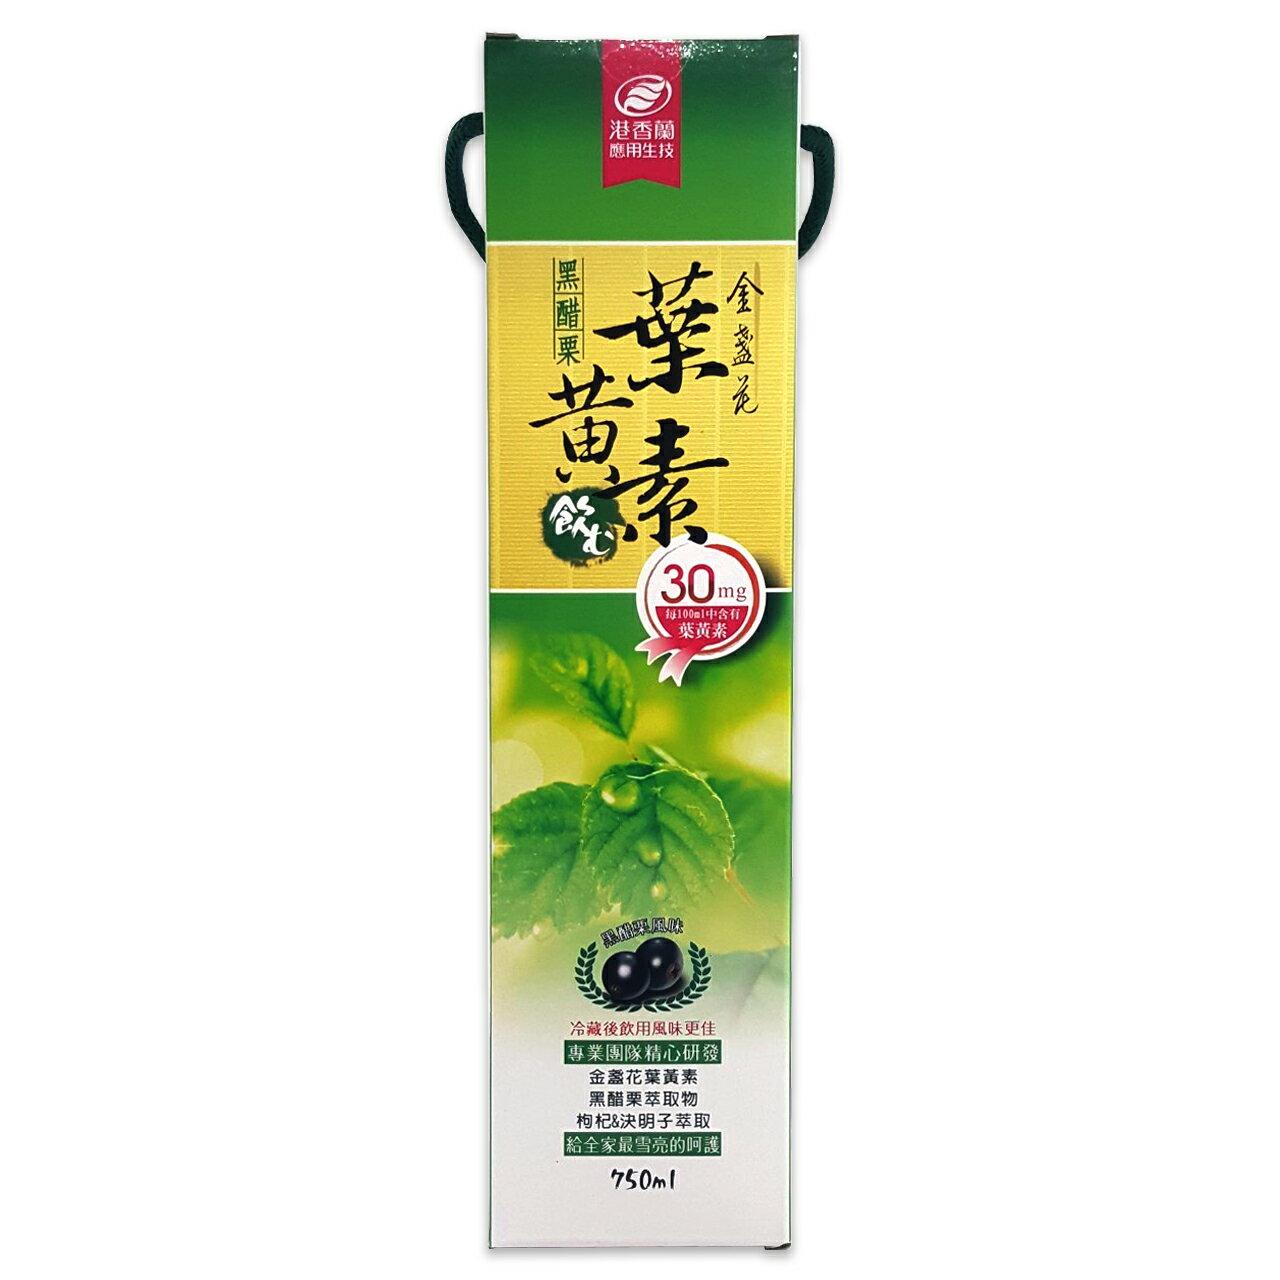 港香蘭黑醋栗葉黃素飲750ml/瓶 2022/10 公司貨中文標 PG美妝